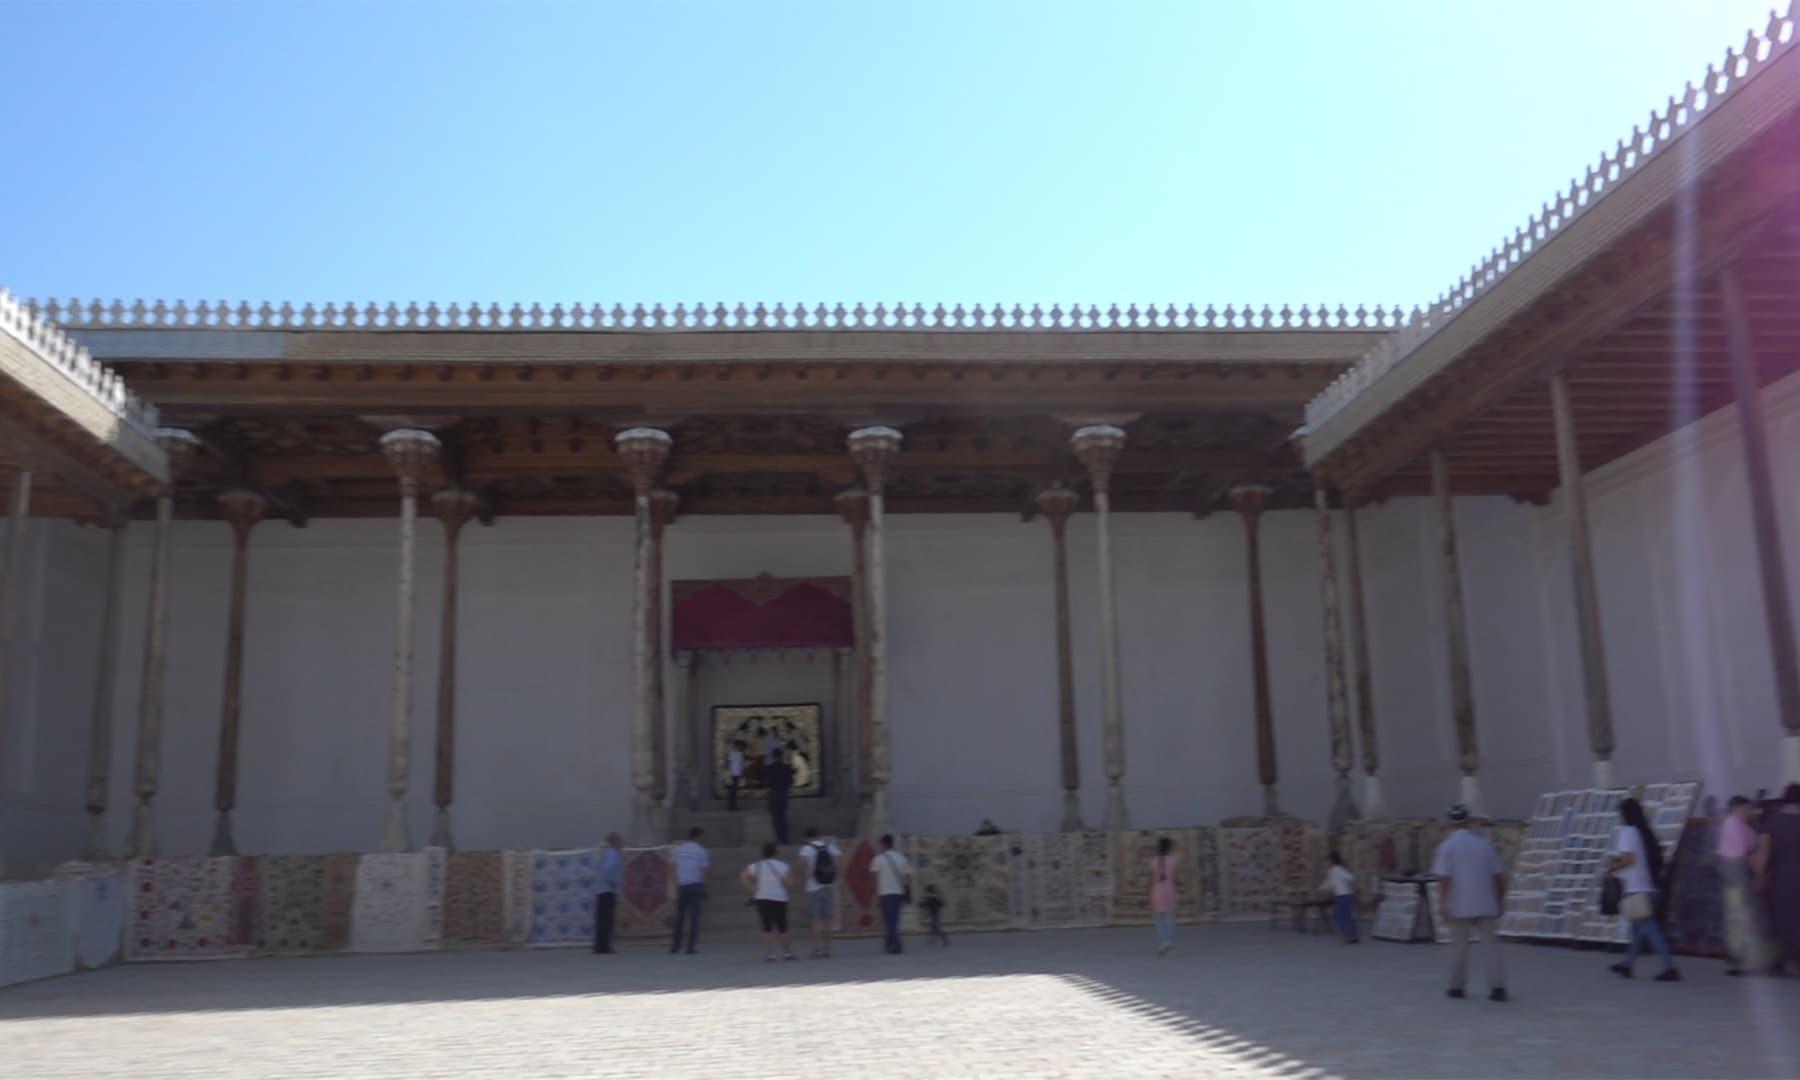 بخارا کے قدیم شہر میں قائم اس یہودی عبادت خانے میں آج بھی باقاعدگی سے عبادتوں کا انعقاد کیا جاتا ہے